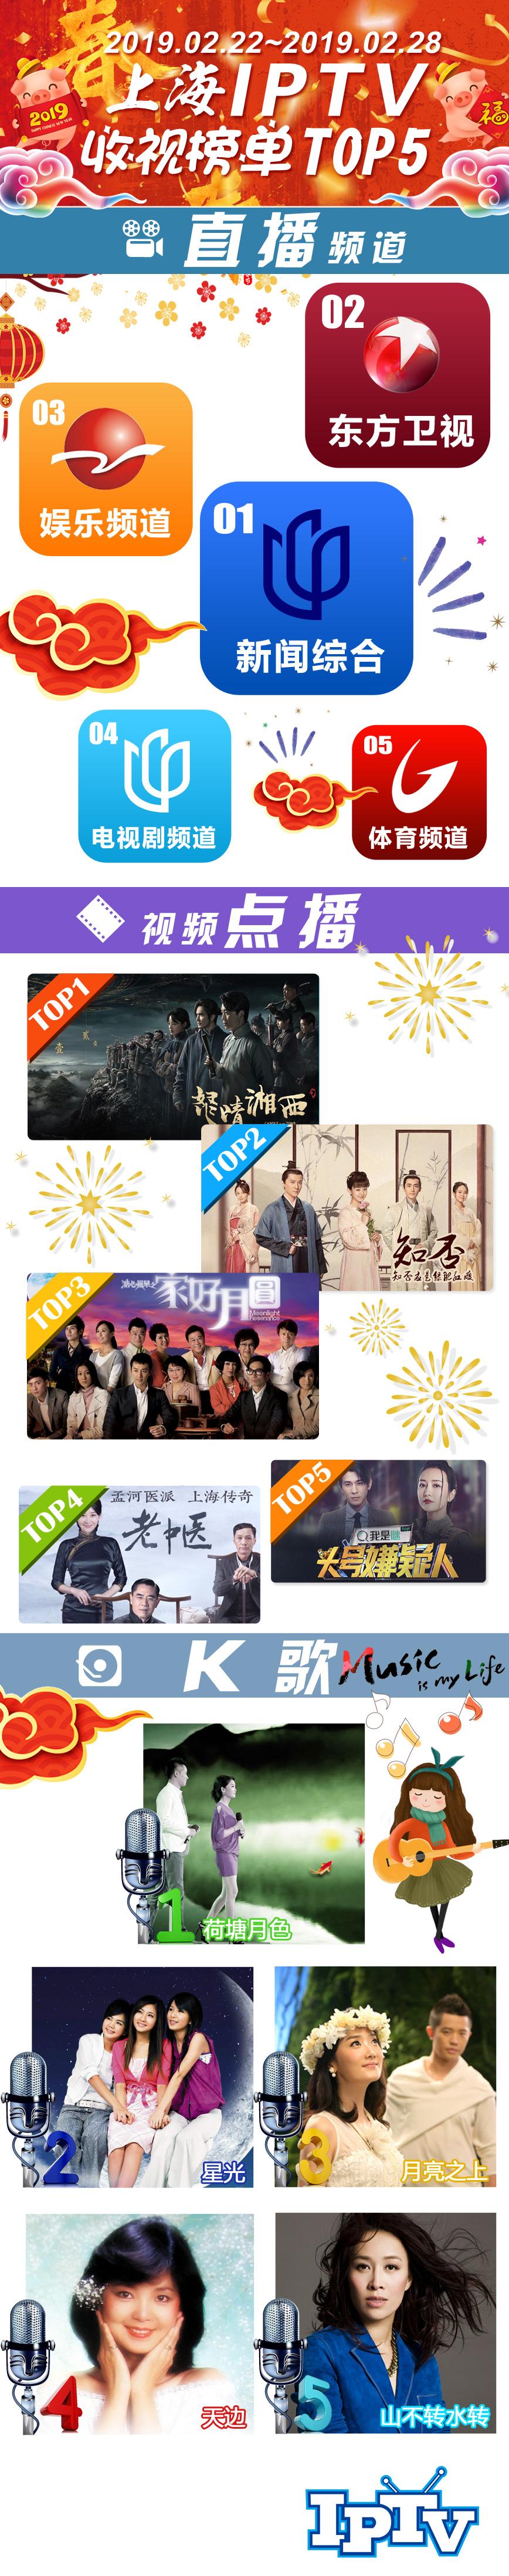 2019微博-上海IPTV收视榜单TOP5-190301.jpg